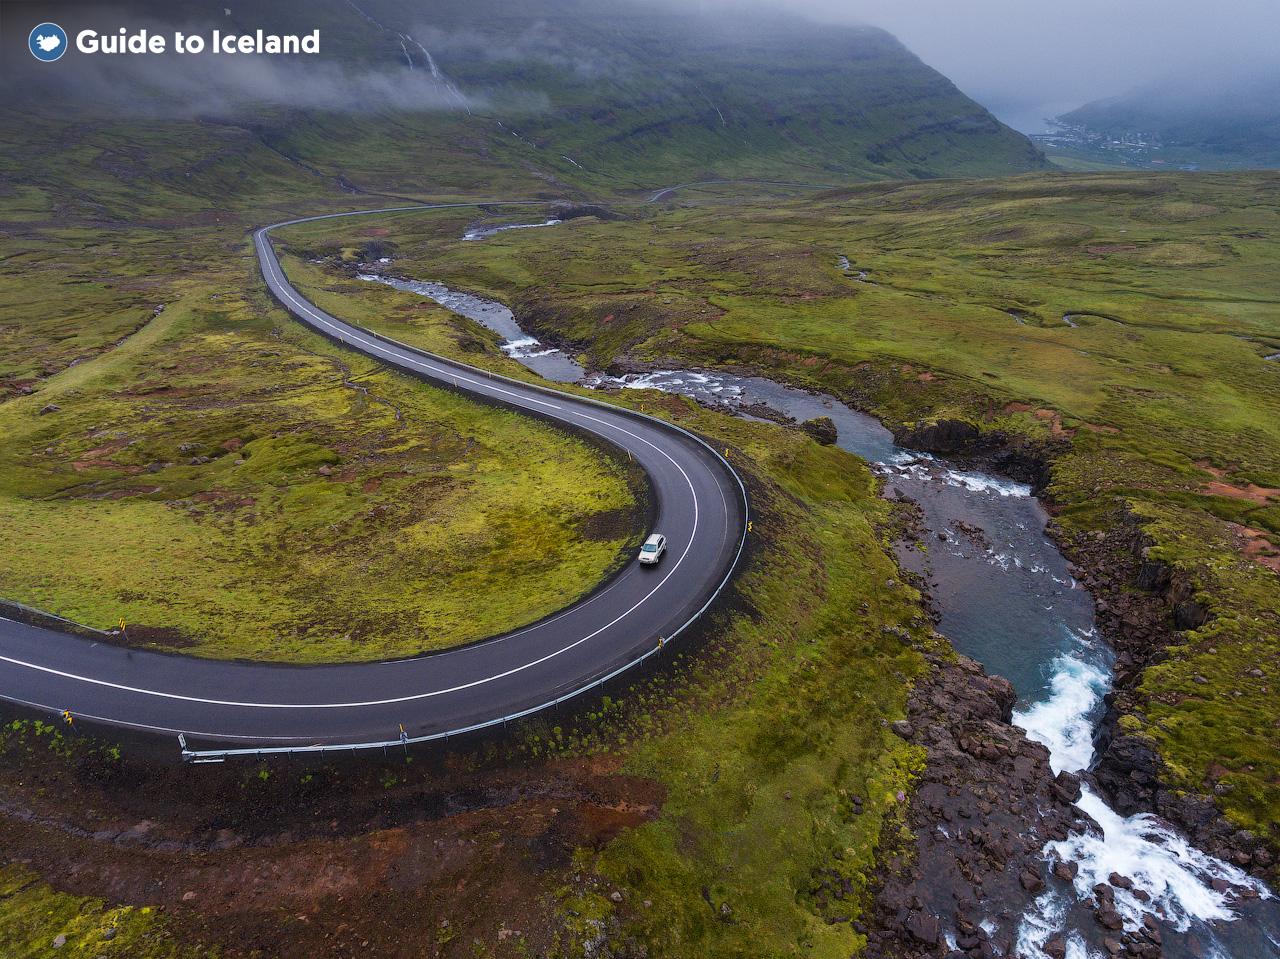 10-dniowa letnia, samodzielna wycieczka po całej obwodnicy Islandii z wodospadami i czarnymi plażami - day 6